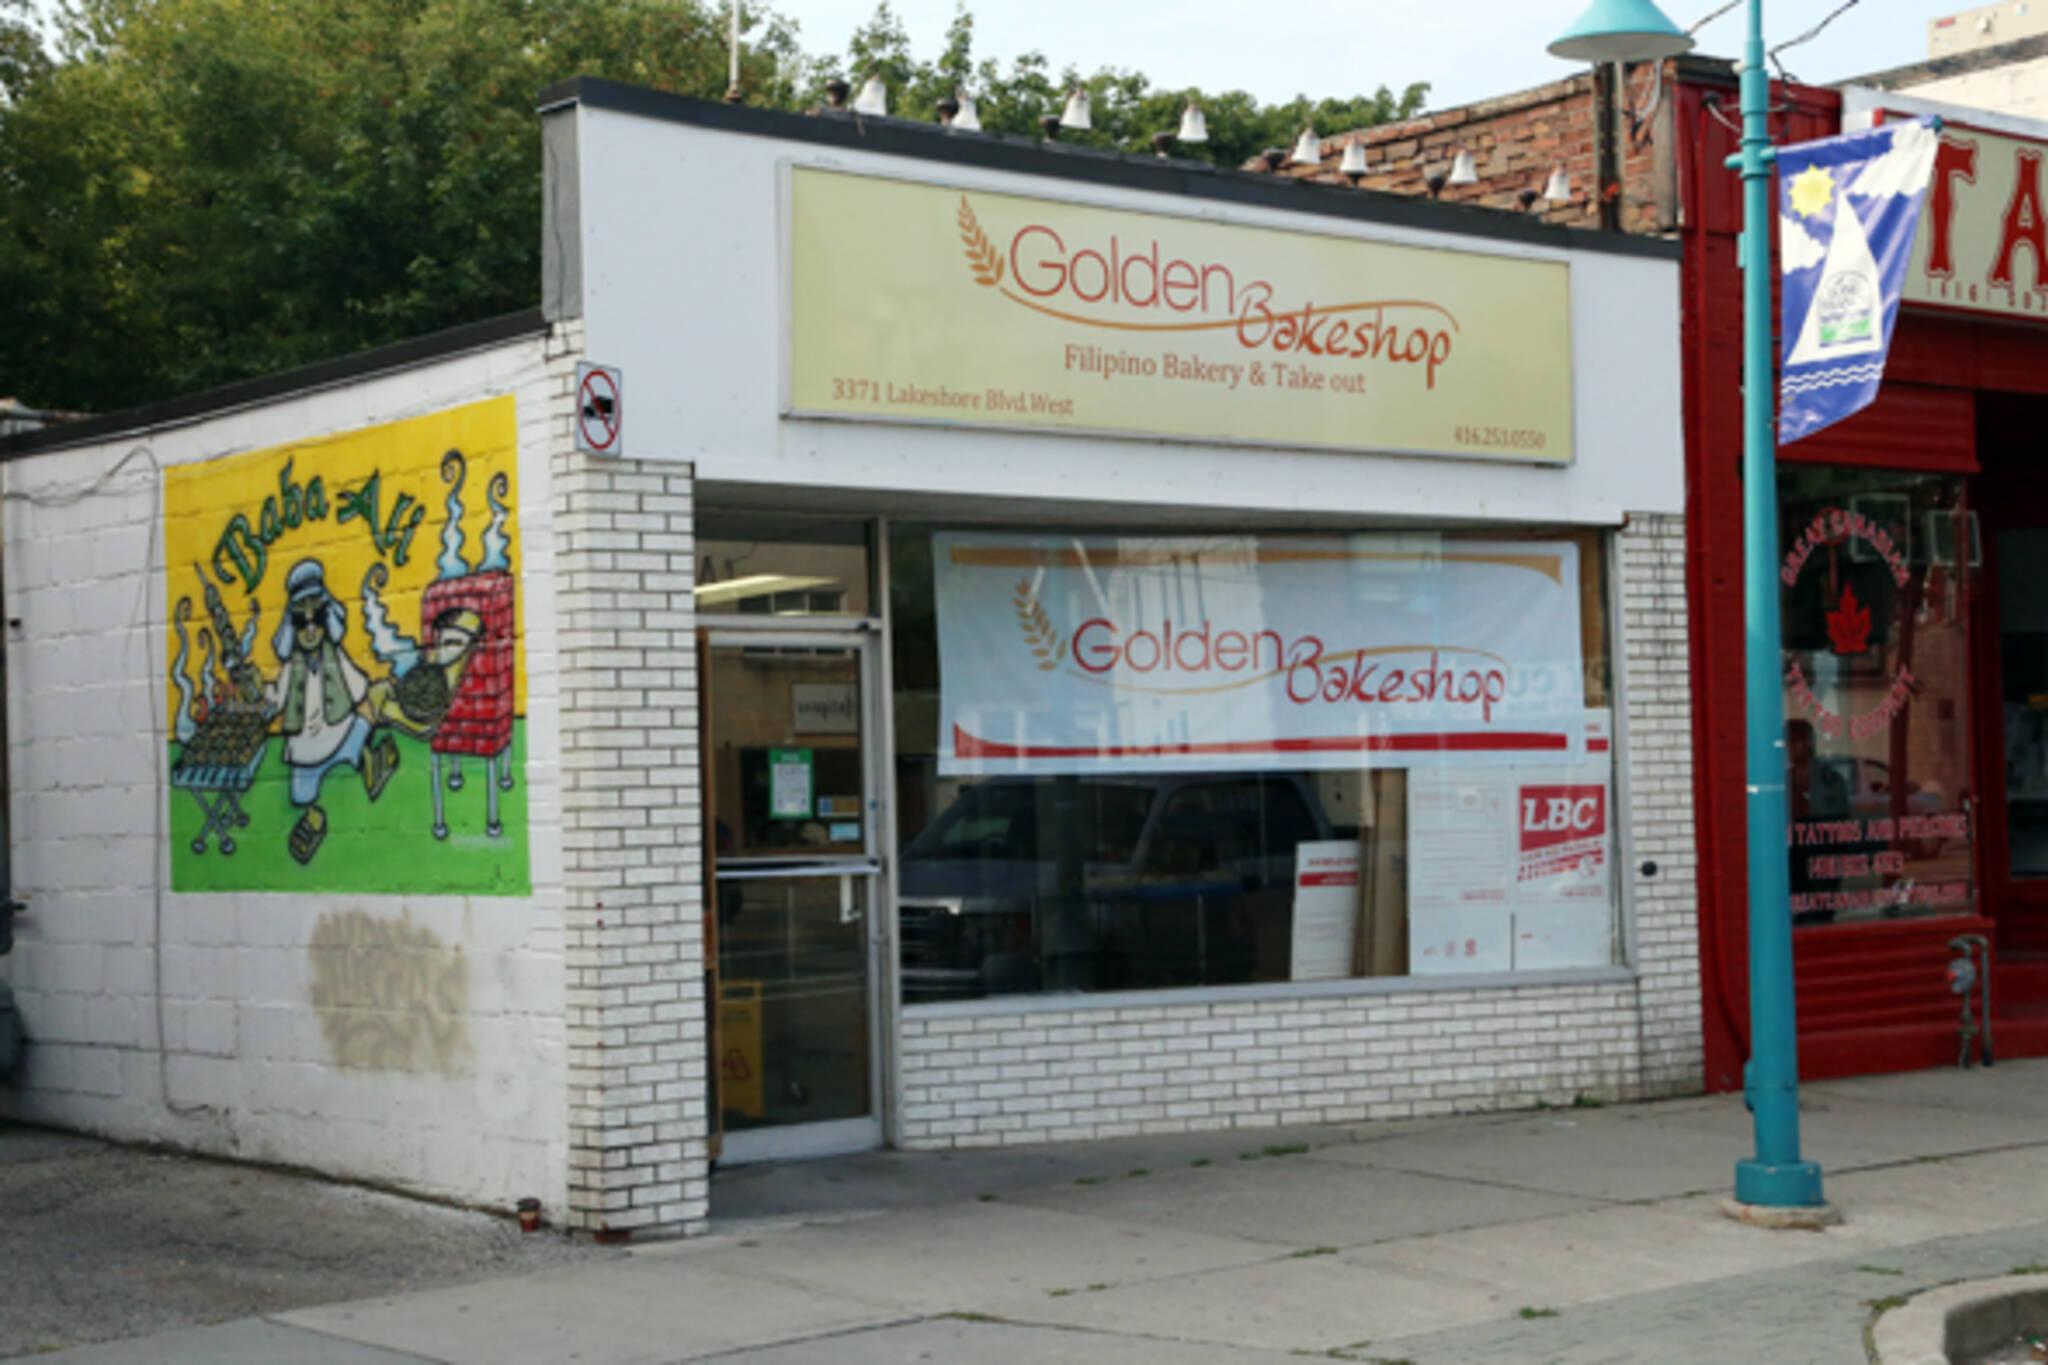 Golden Bakeshop